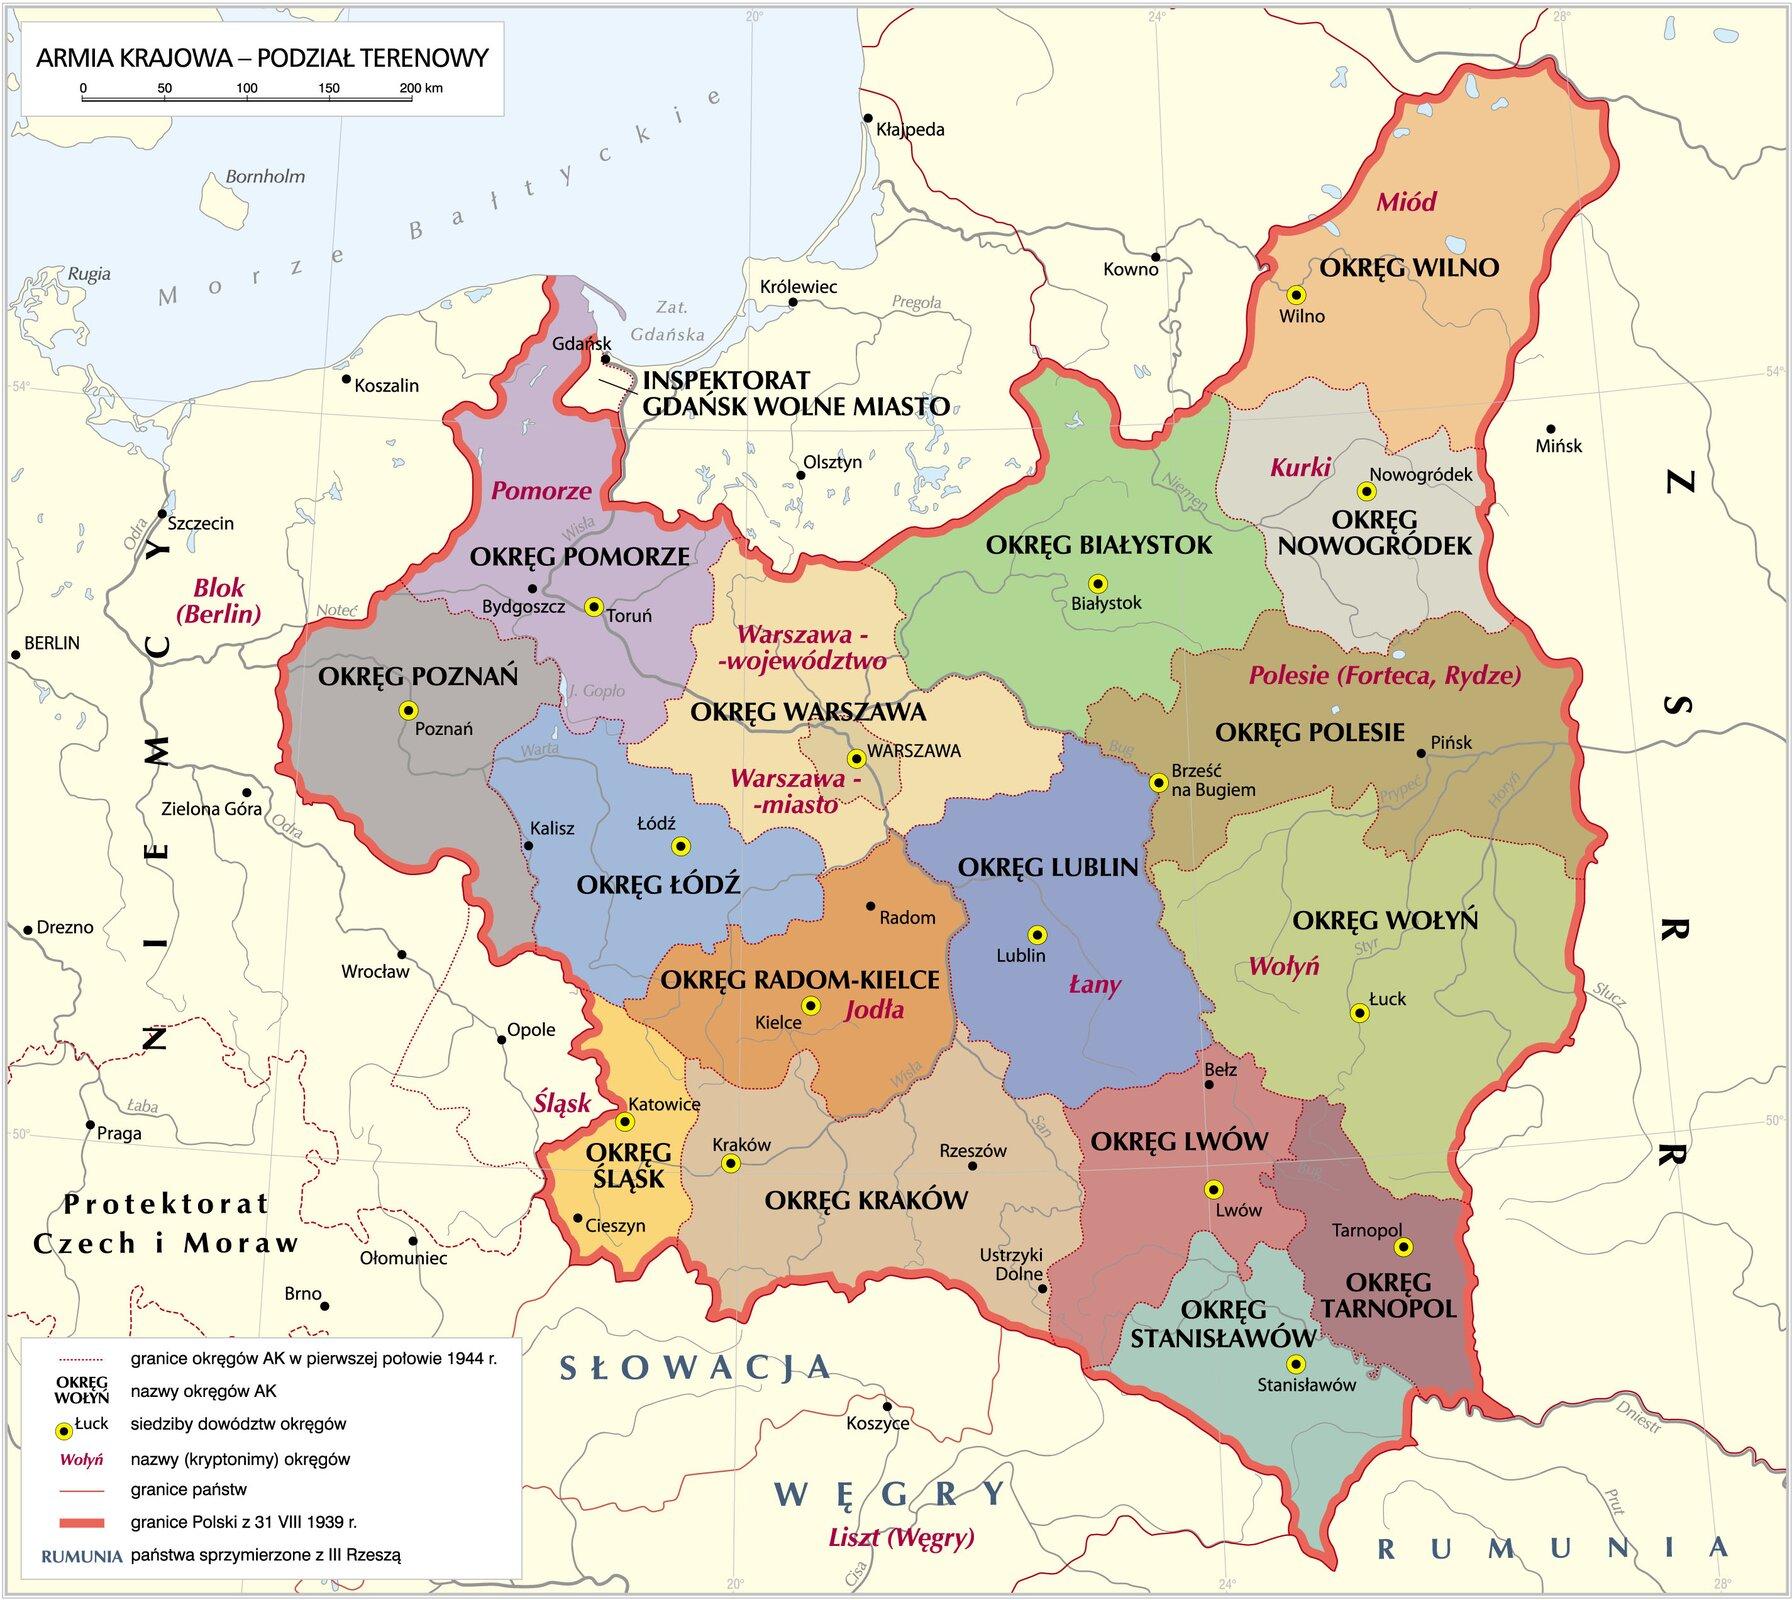 Armia Krajowa - podział terenowy Armia Krajowa - podział terenowy Źródło: Krystian Chariza izespół, licencja: CC BY-SA 4.0.